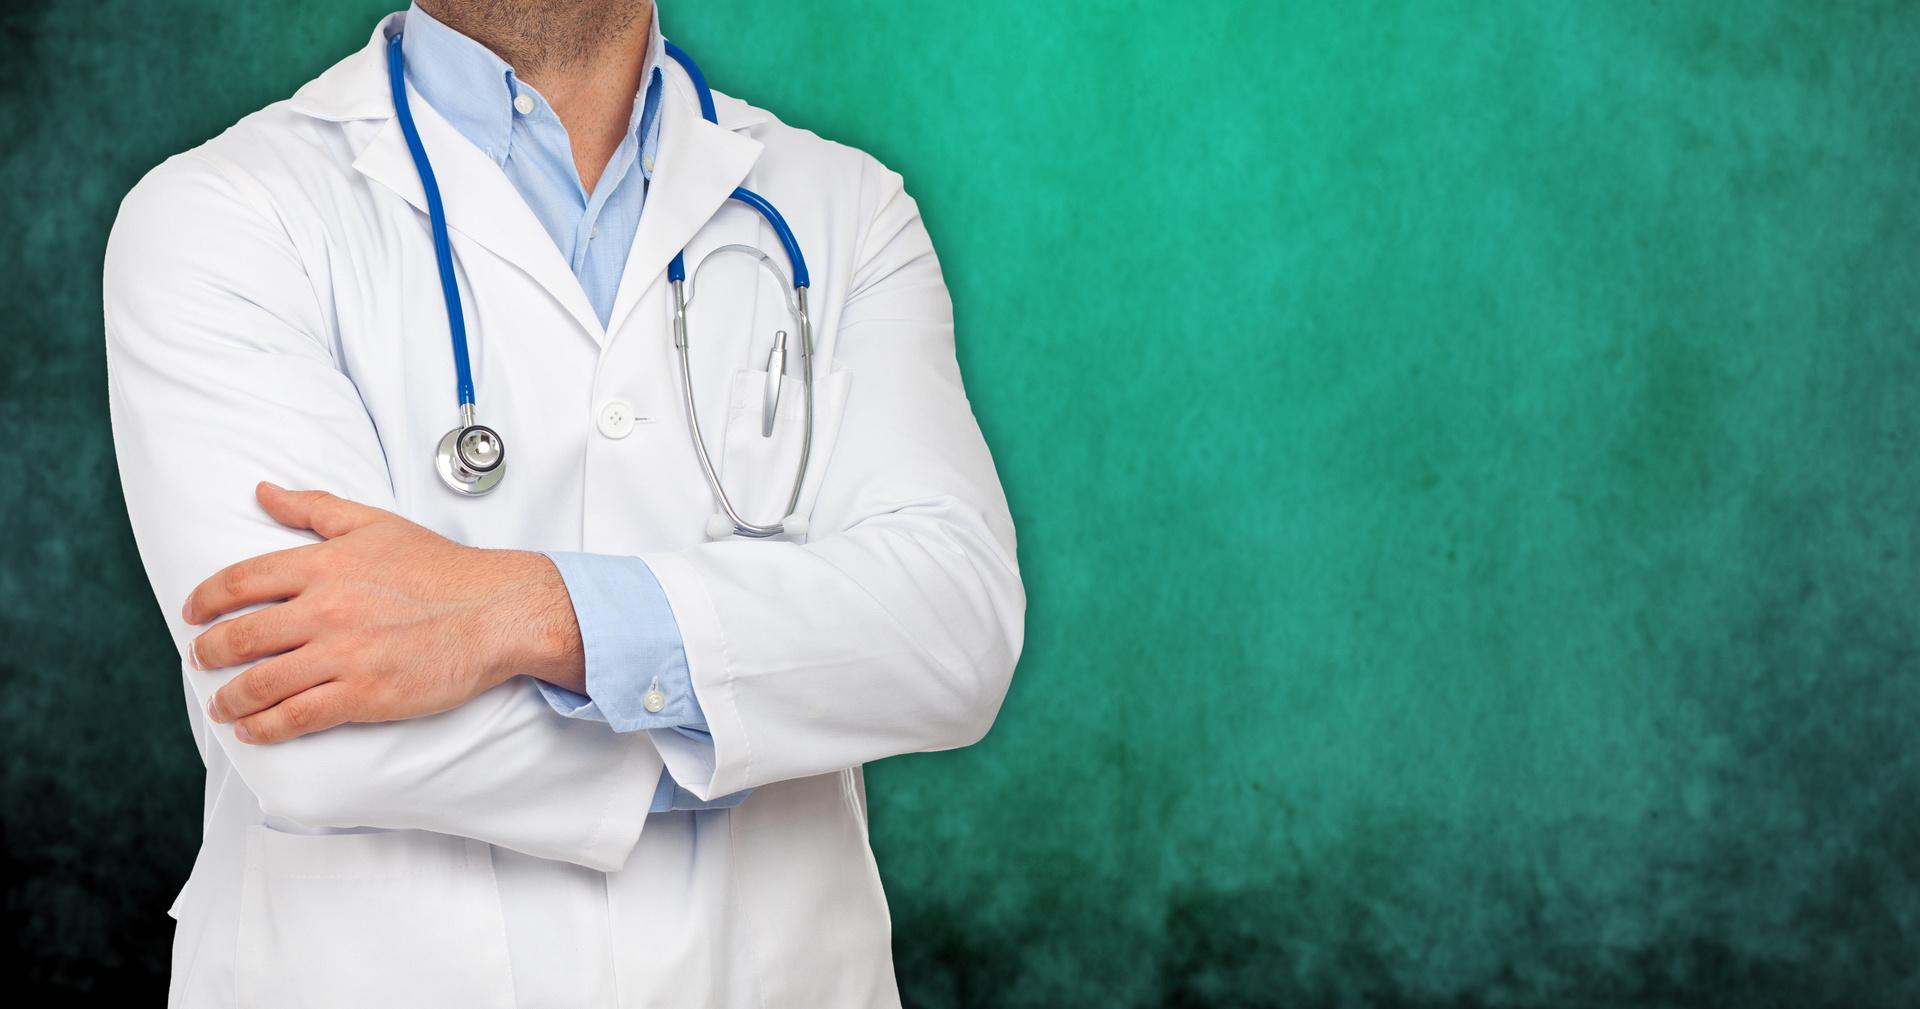 Centro de Reconocimientos Médicos Primado Reig